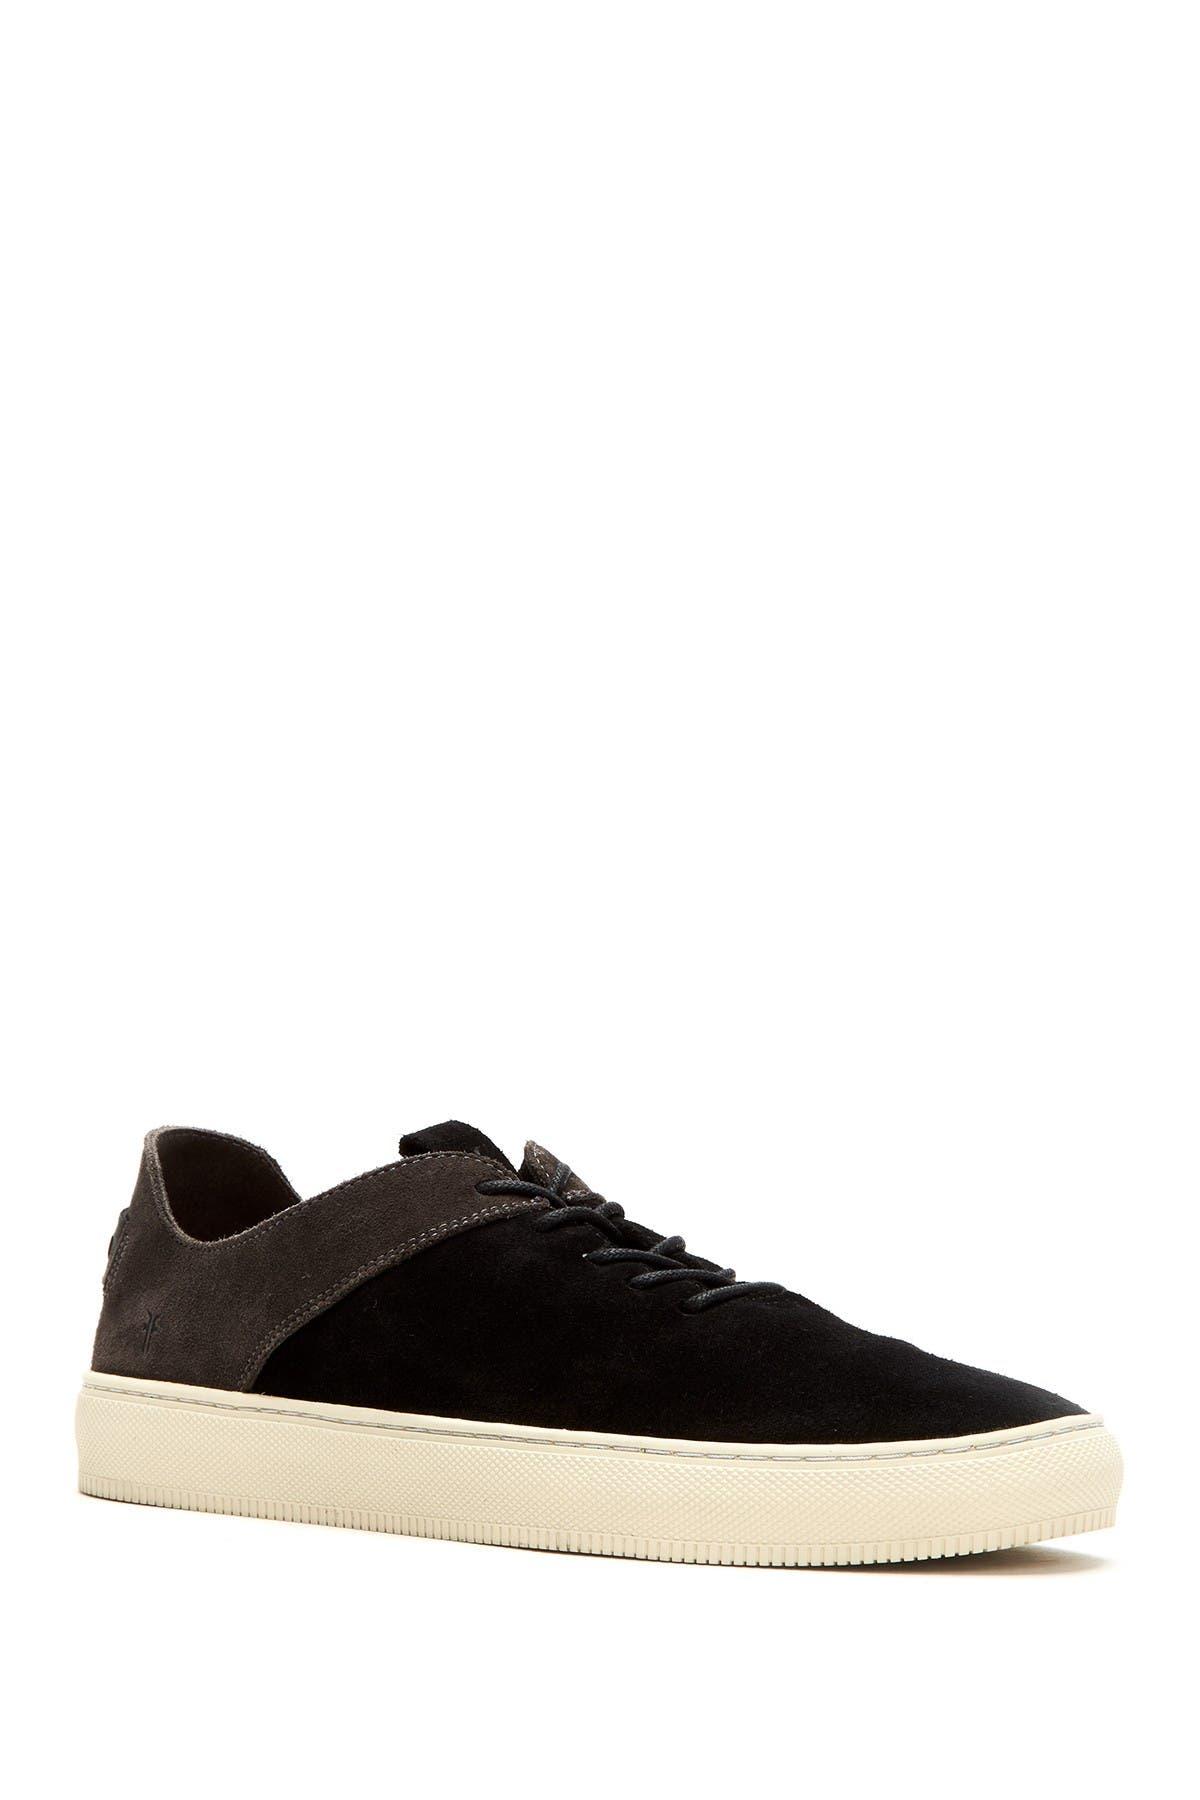 Image of Frye Astor Split Low Lace Sneaker